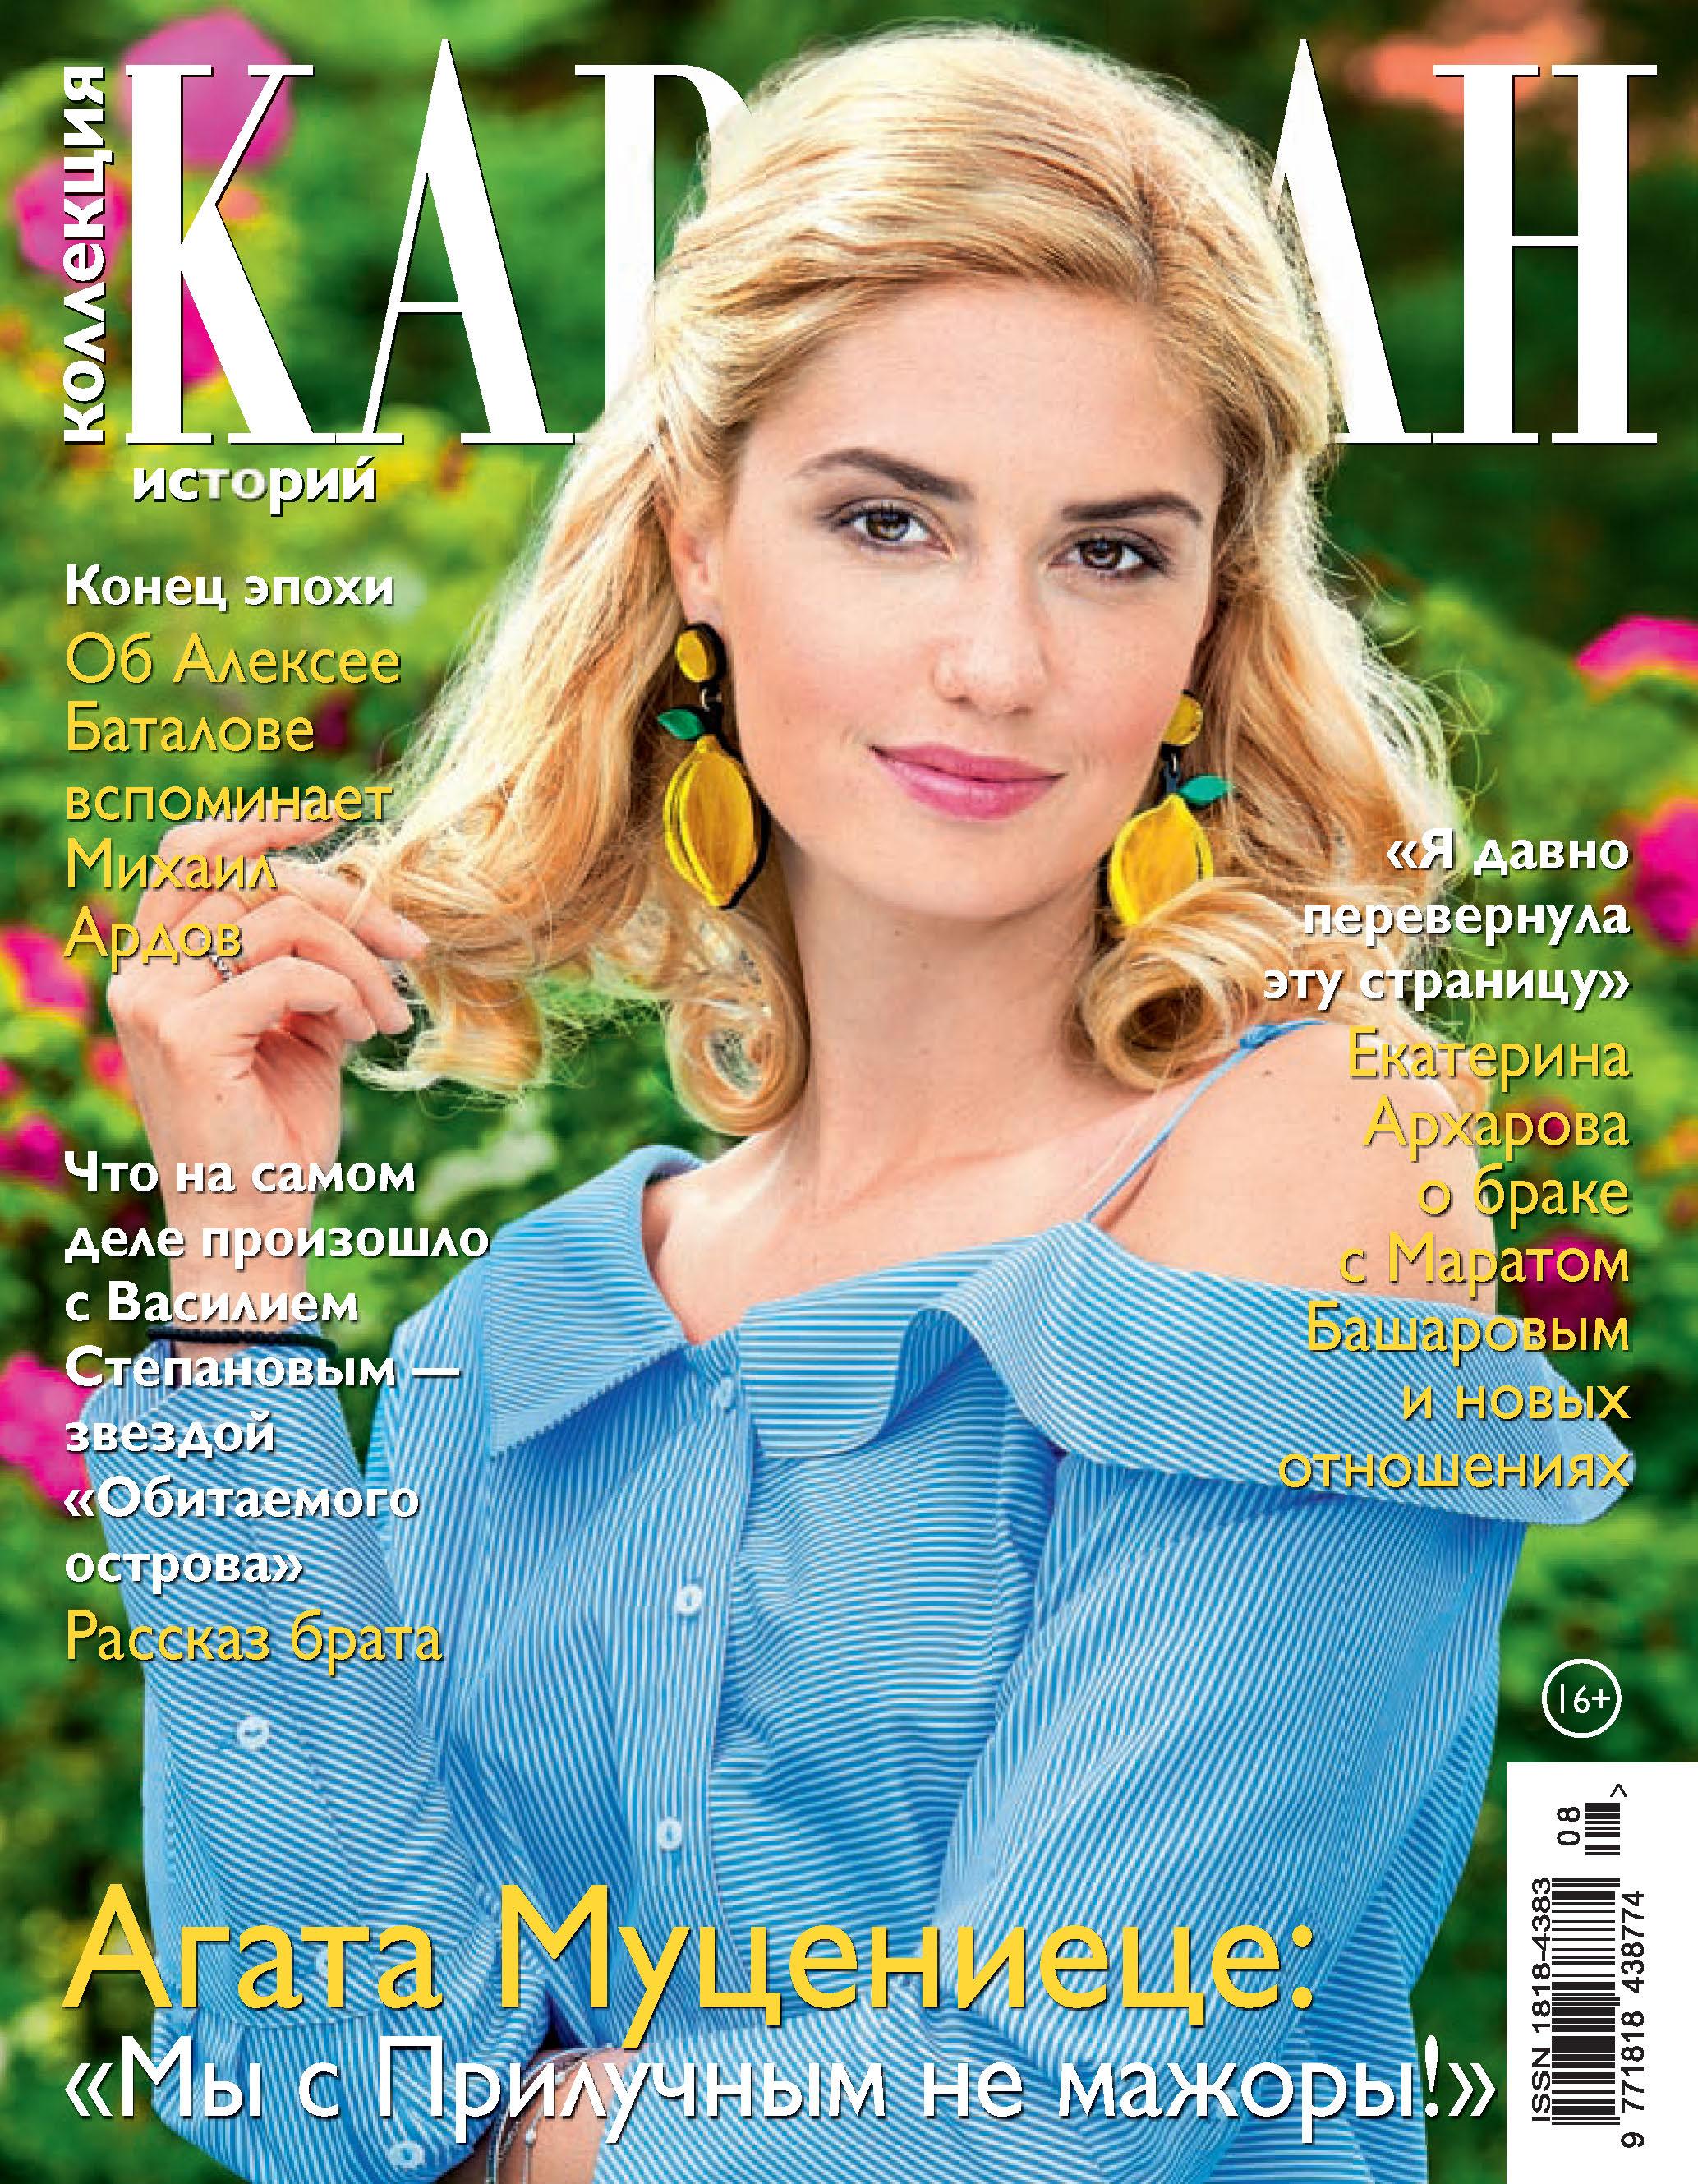 Отсутствует Коллекция Караван историй №08/2017